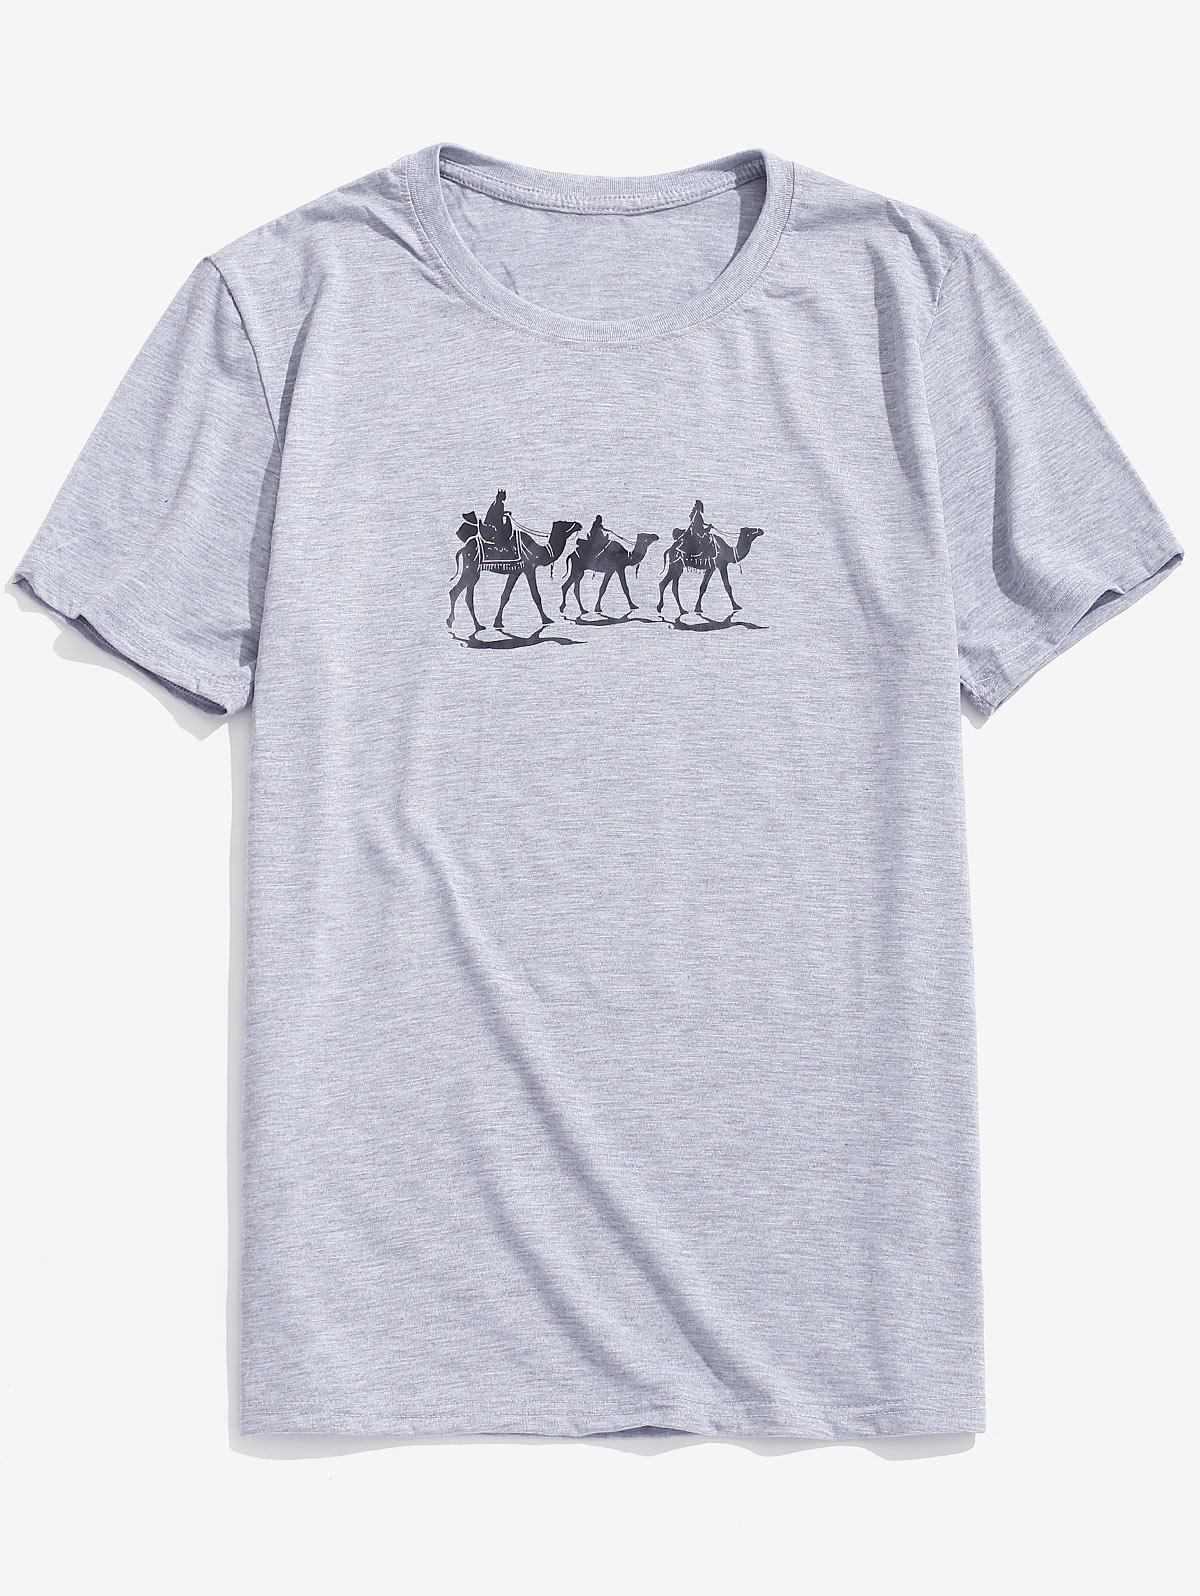 Animal Print Short Sleeves Tee